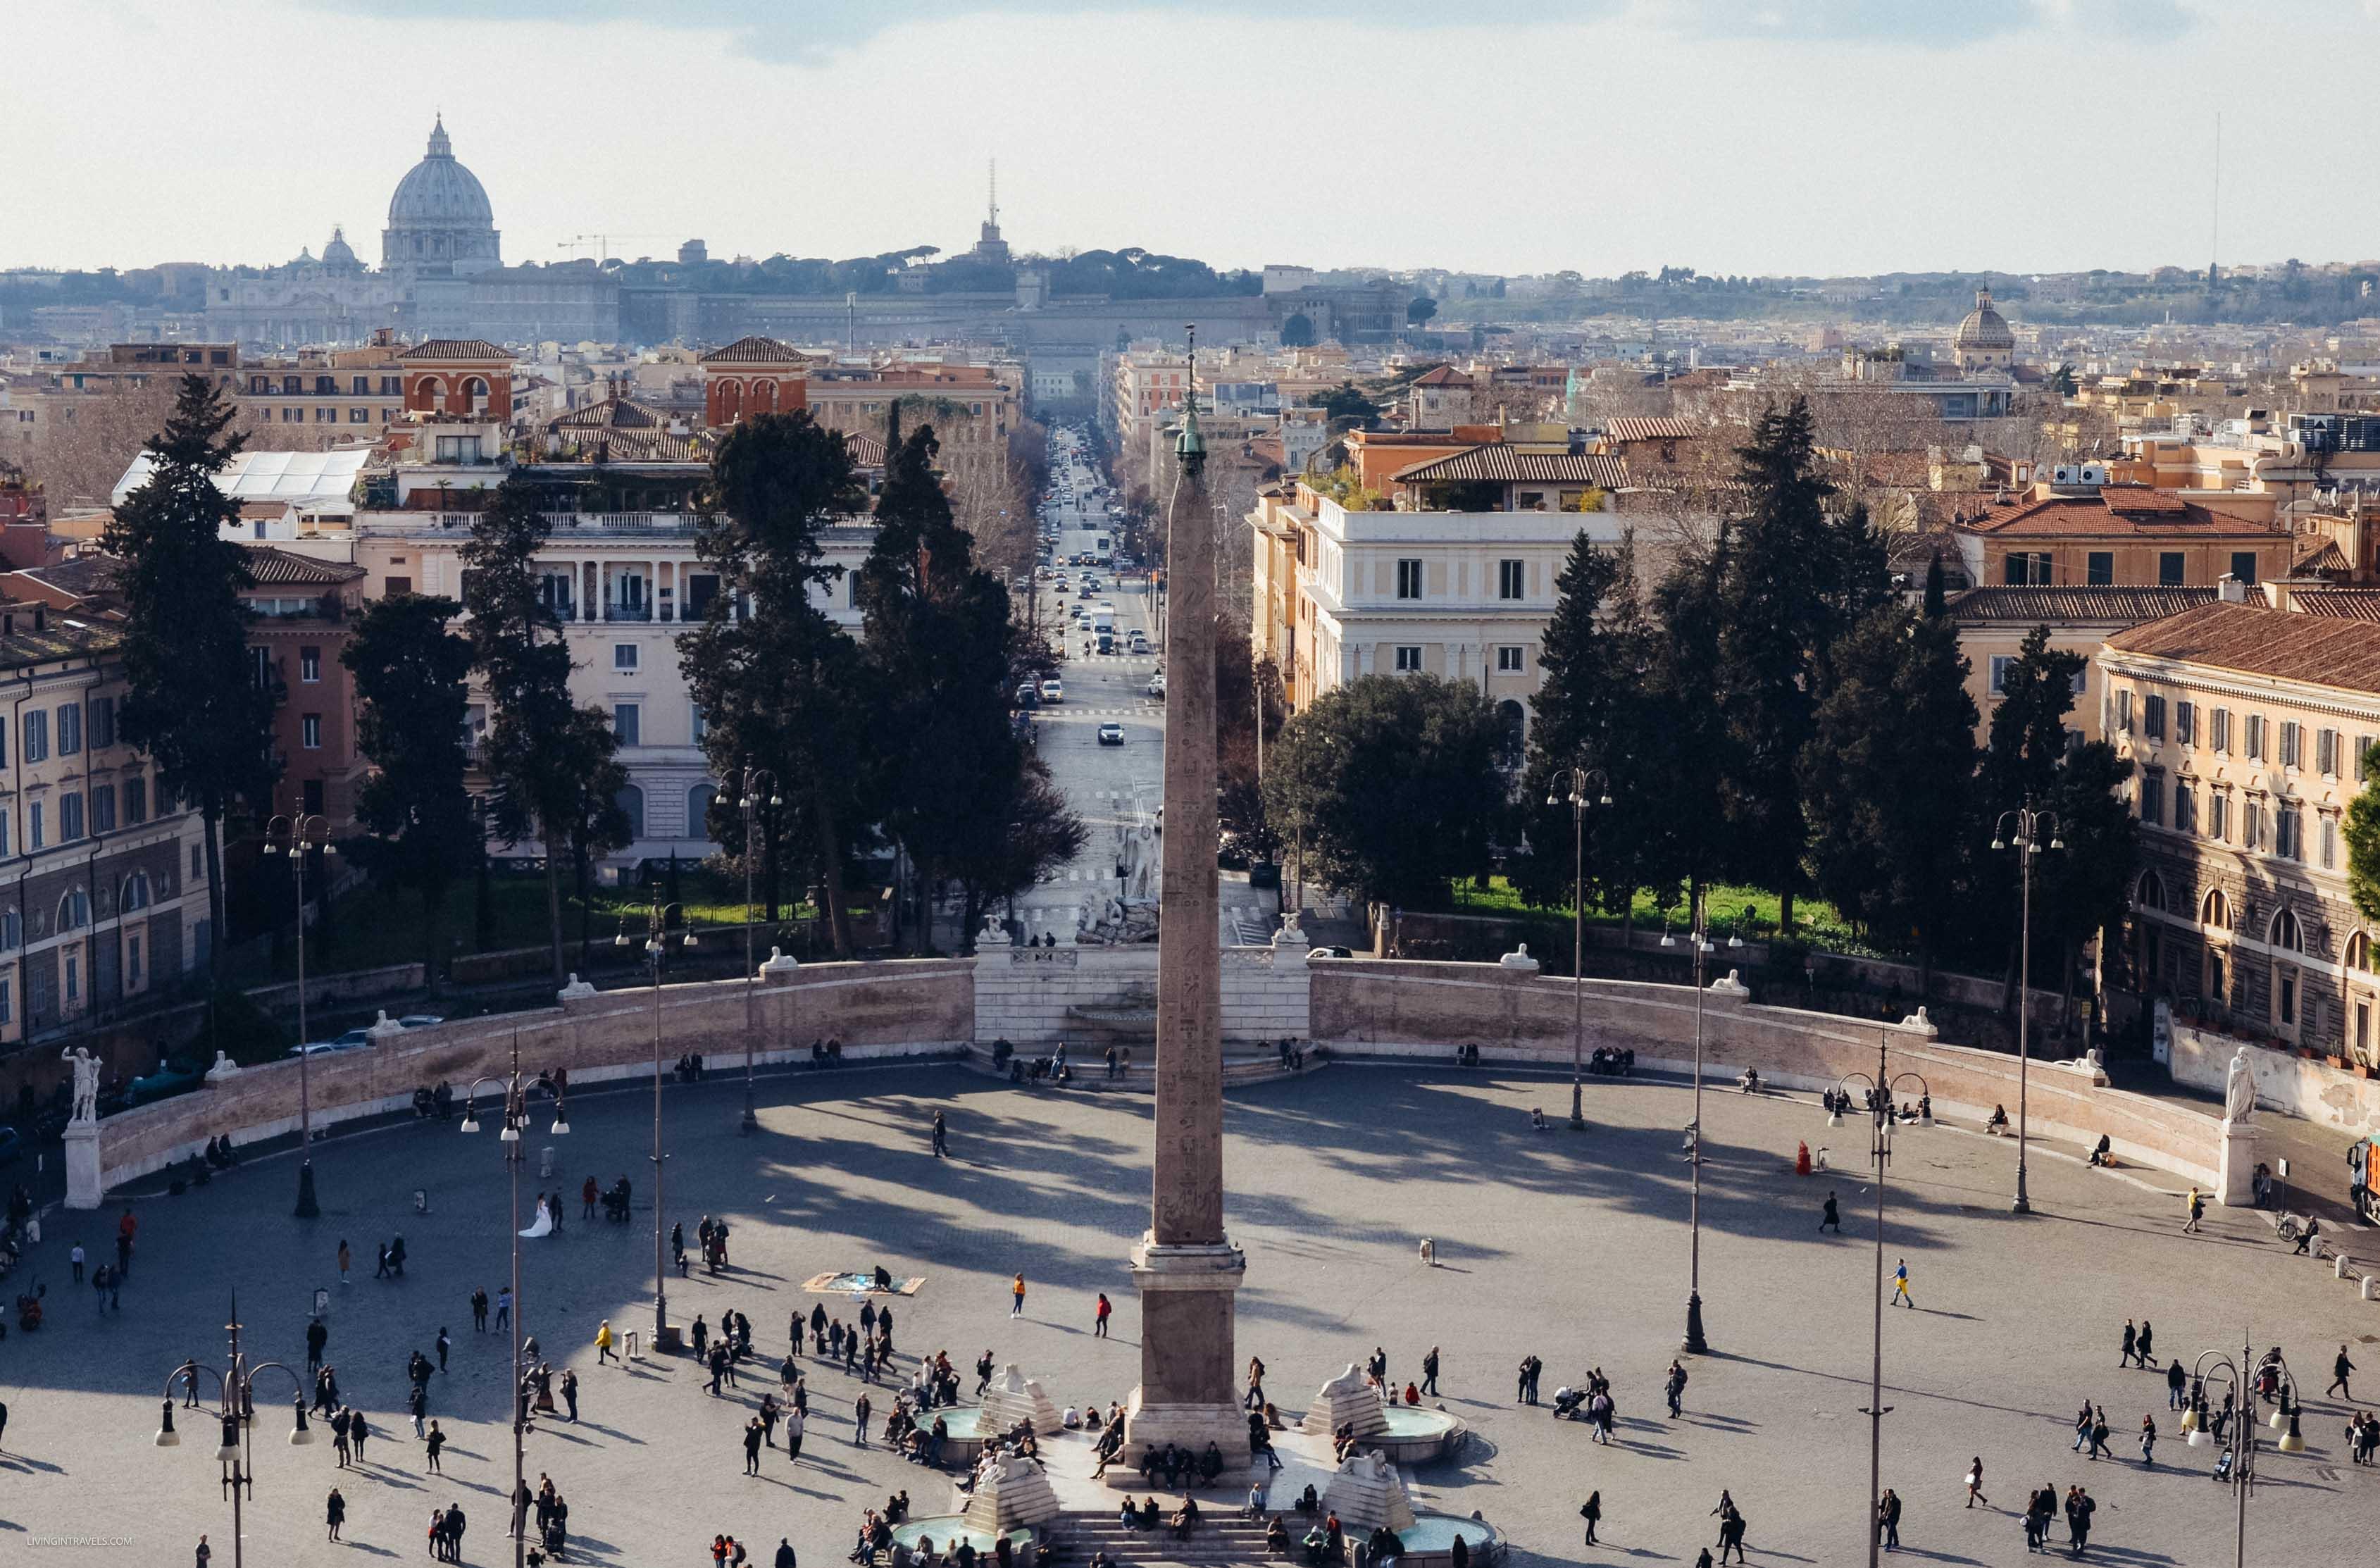 Вид на пьяццу дель Пополо с холма Пинчо. Рим для новичков или как увидеть город бесплатно (почти)